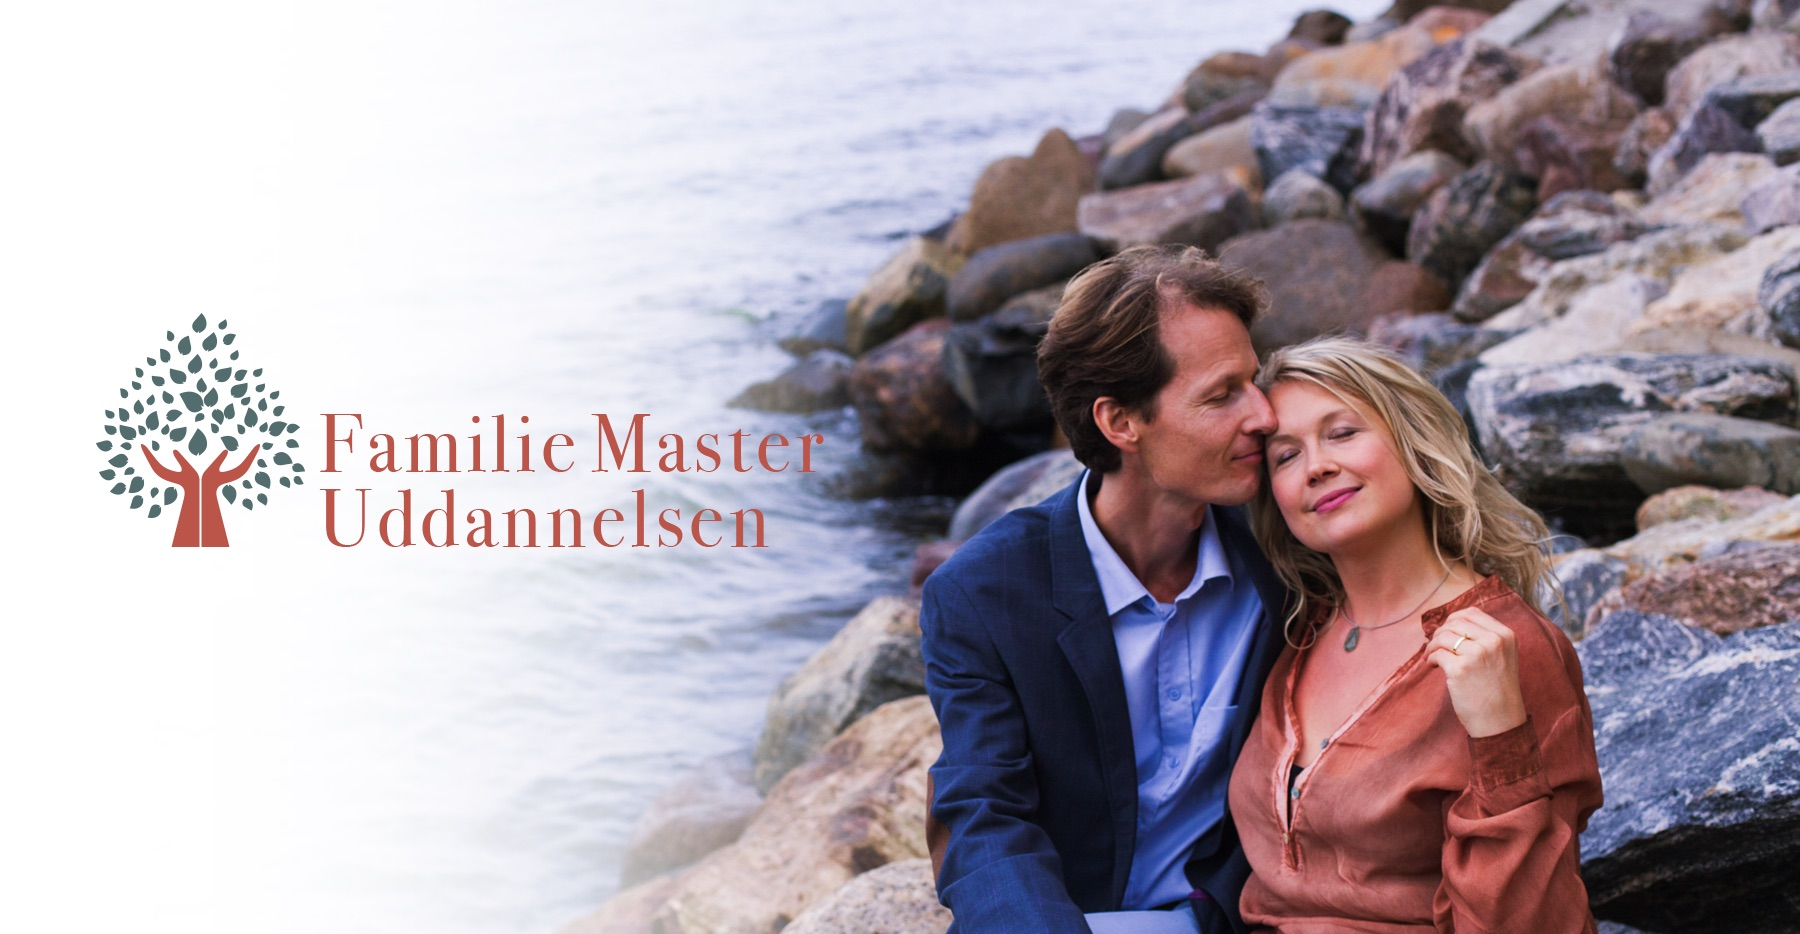 Velkommen til Familie Master Uddannelsen